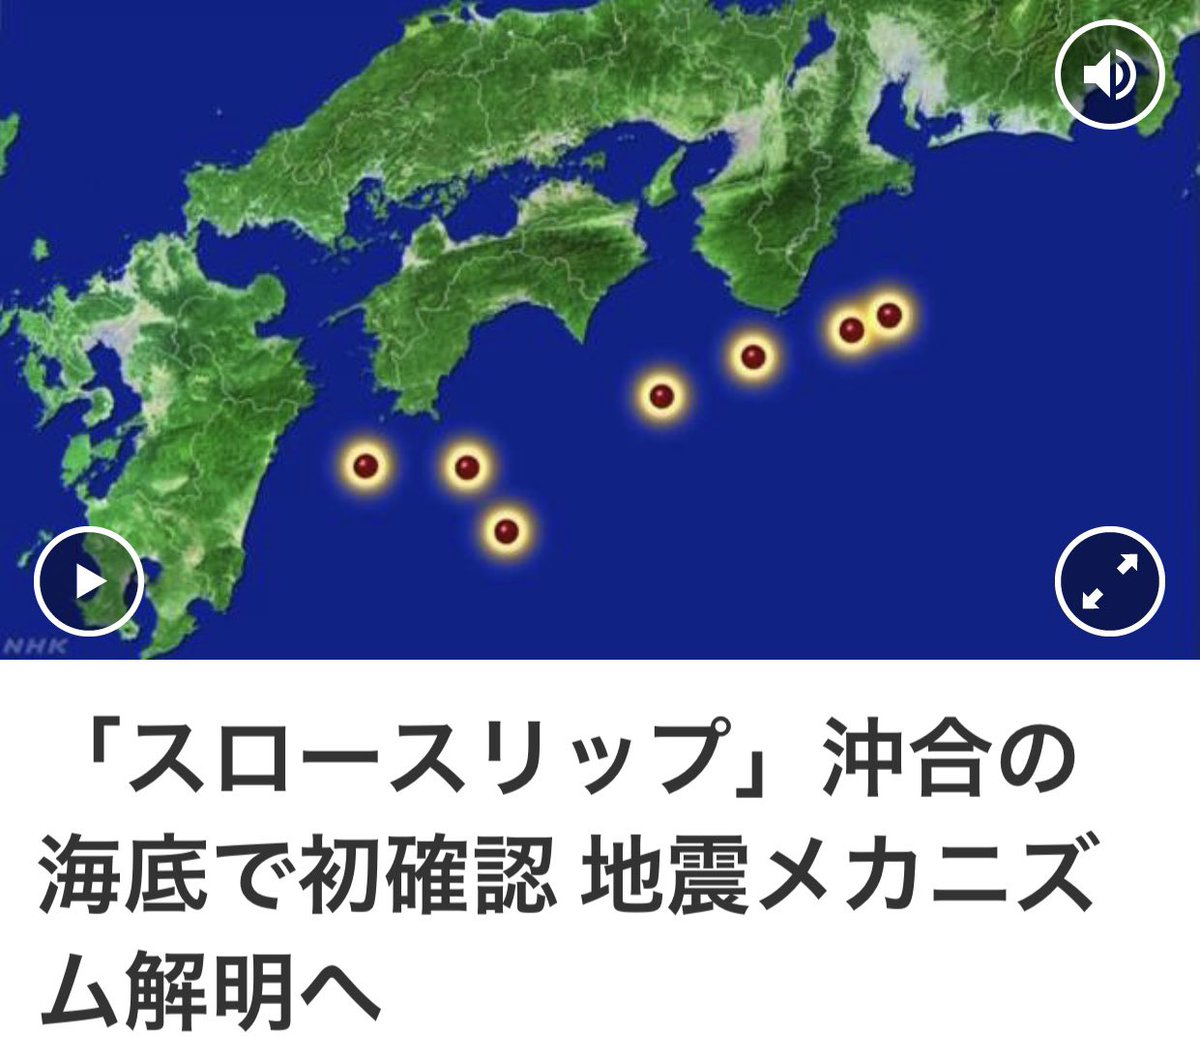 test ツイッターメディア - 最新NEWS 発生が懸念される南海トラフの巨大地震。東海から四国の陸地から離れた海底でプレートの境目がゆっくり動く「スロースリップ」という現象が起きているのを東京大学と海上保安庁が初めて捉えました。プレートの動きの変化が南海トラフの巨大地震と関連しているのではないかと注目されています https://t.co/bodY2vrogO